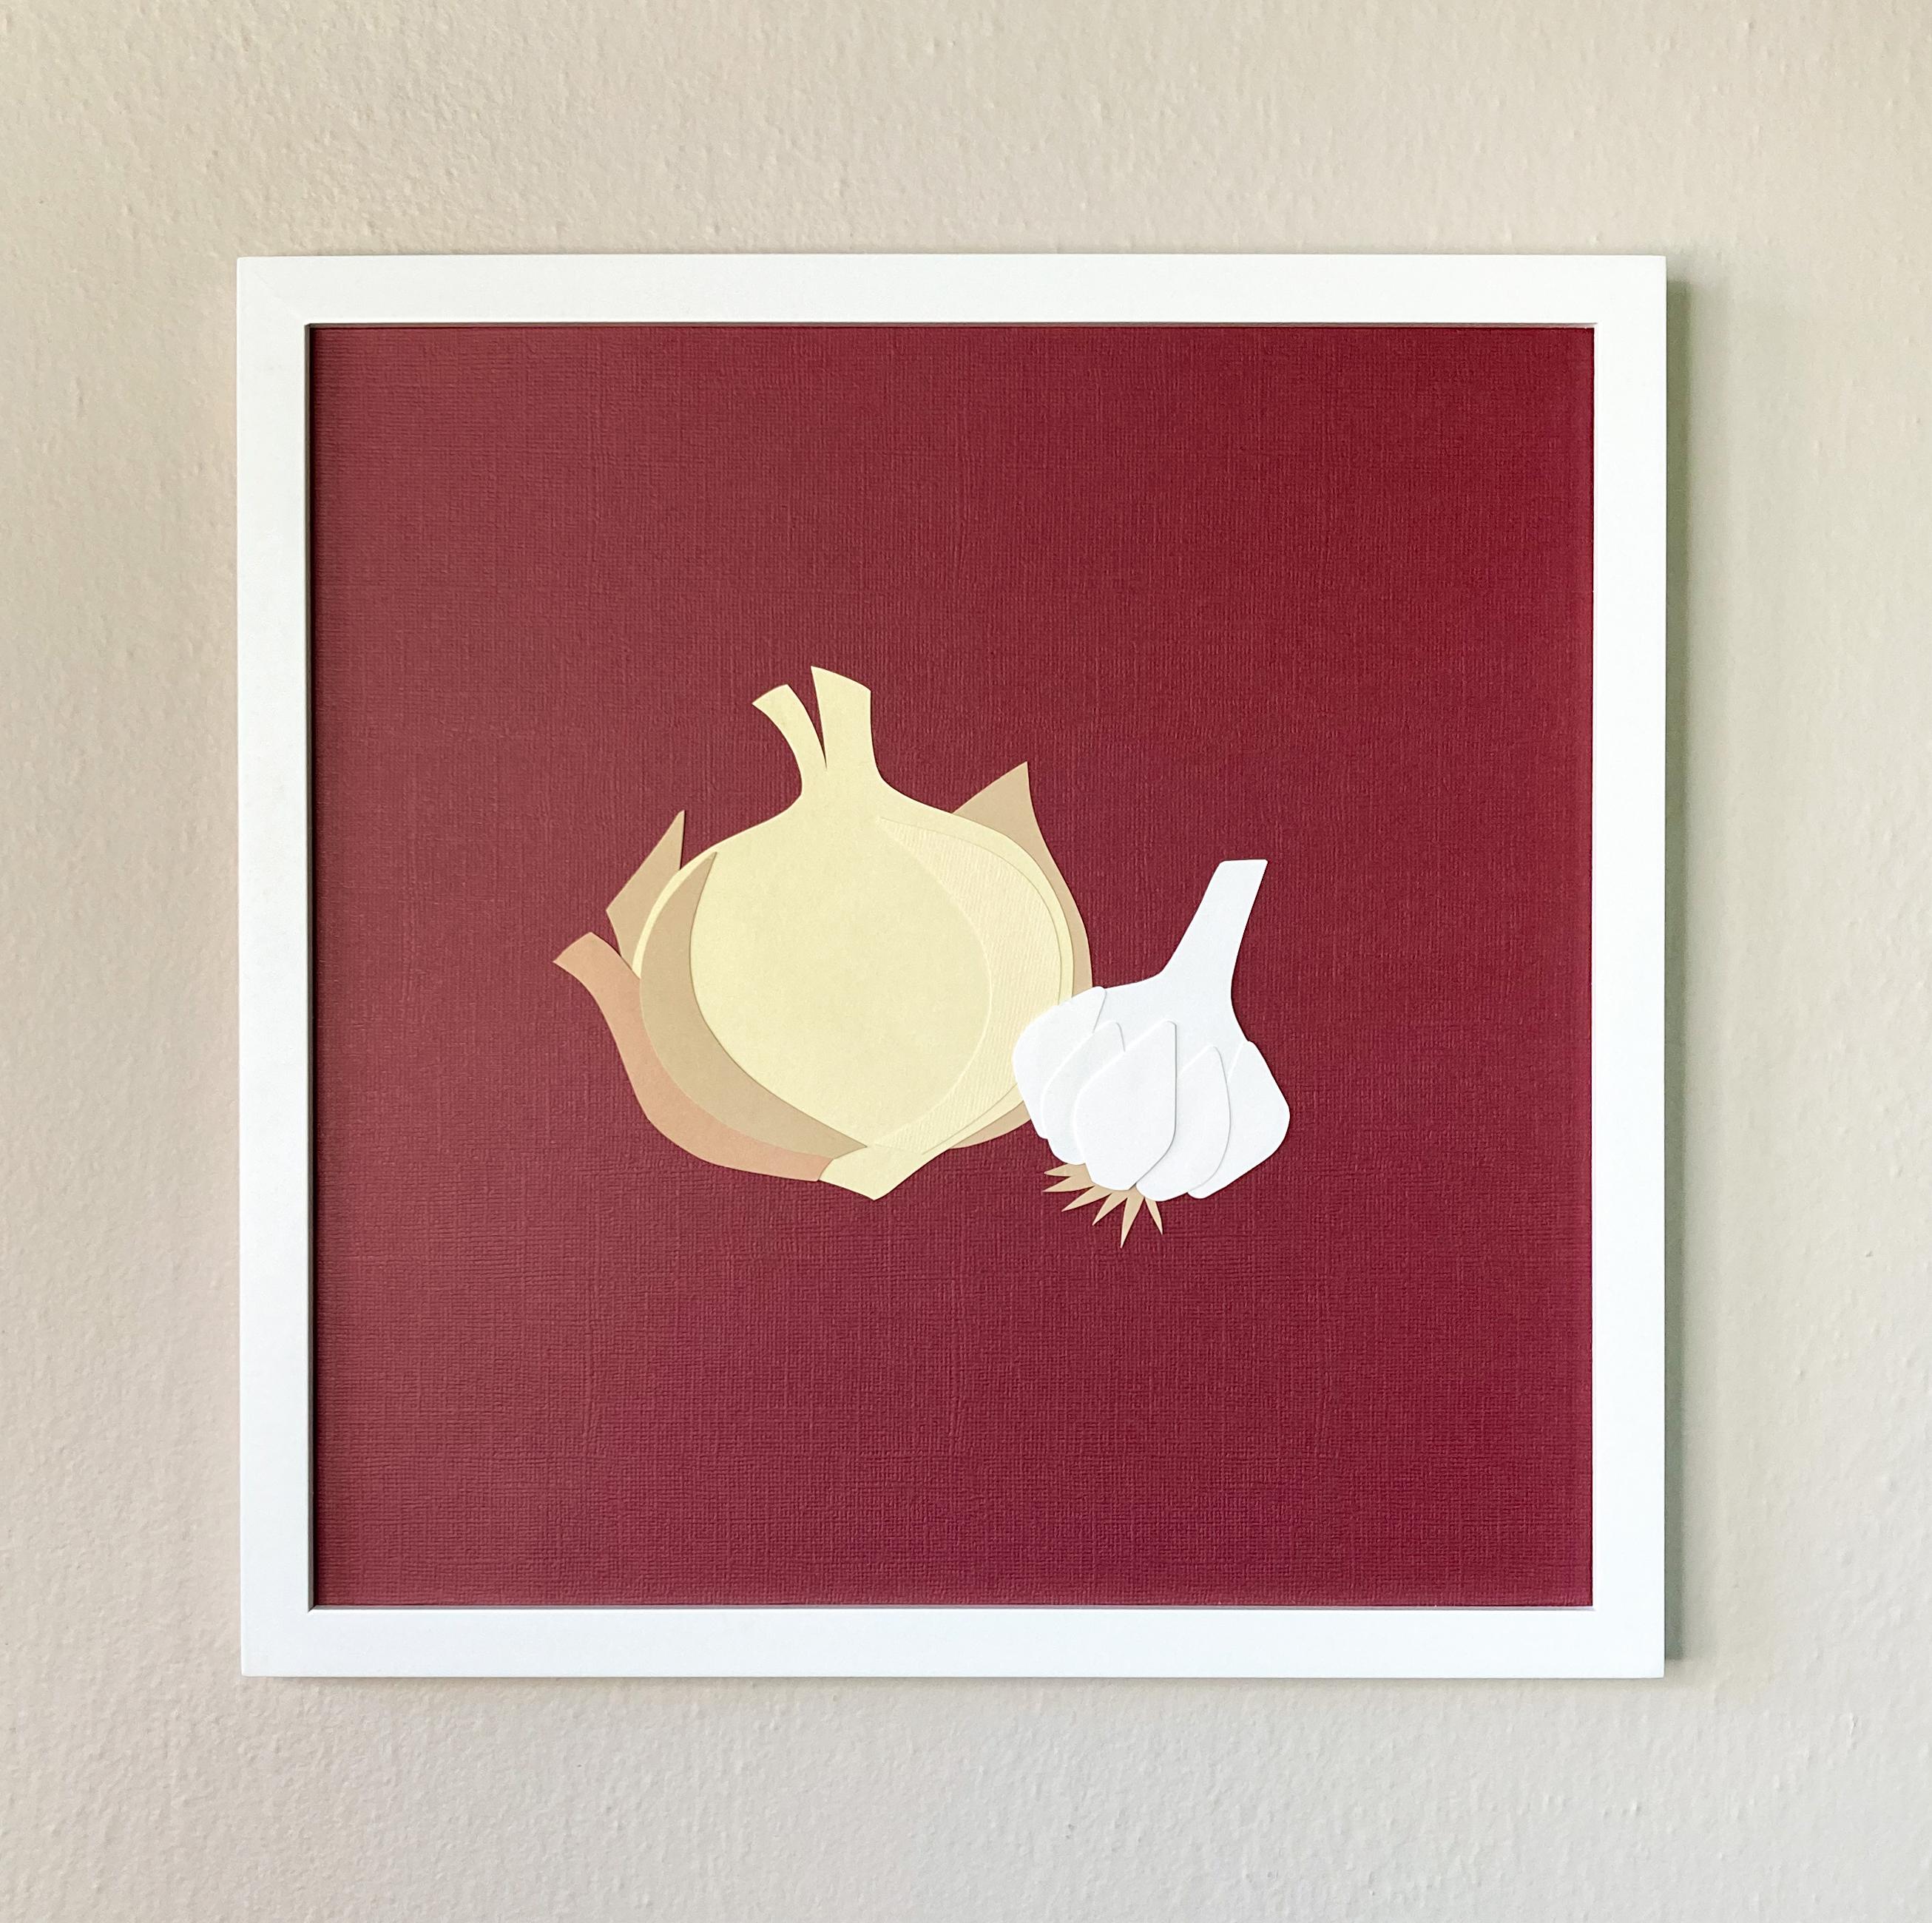 Onion & Garlic | 12 x 12 Cut Paper $120